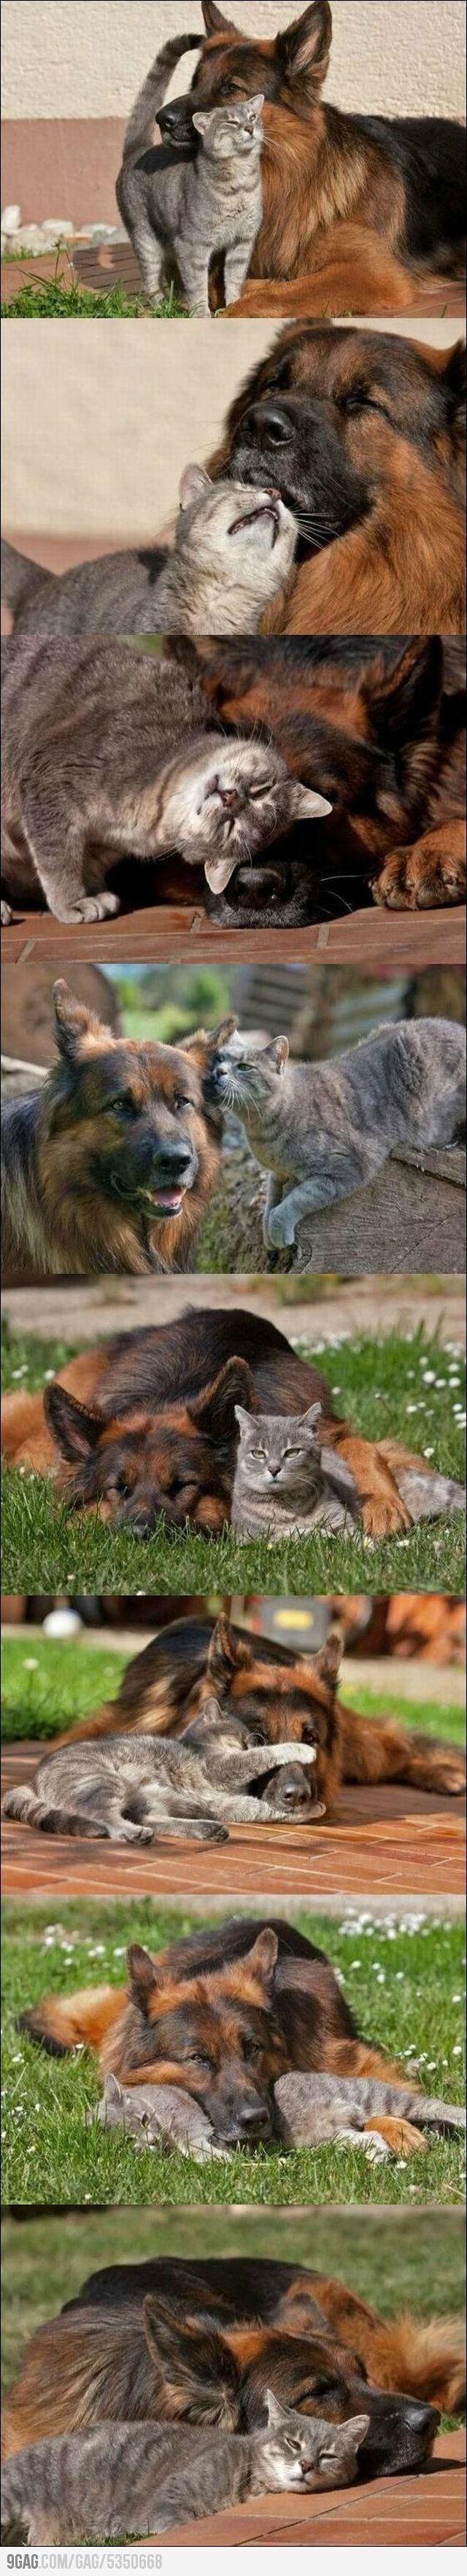 Good friends.